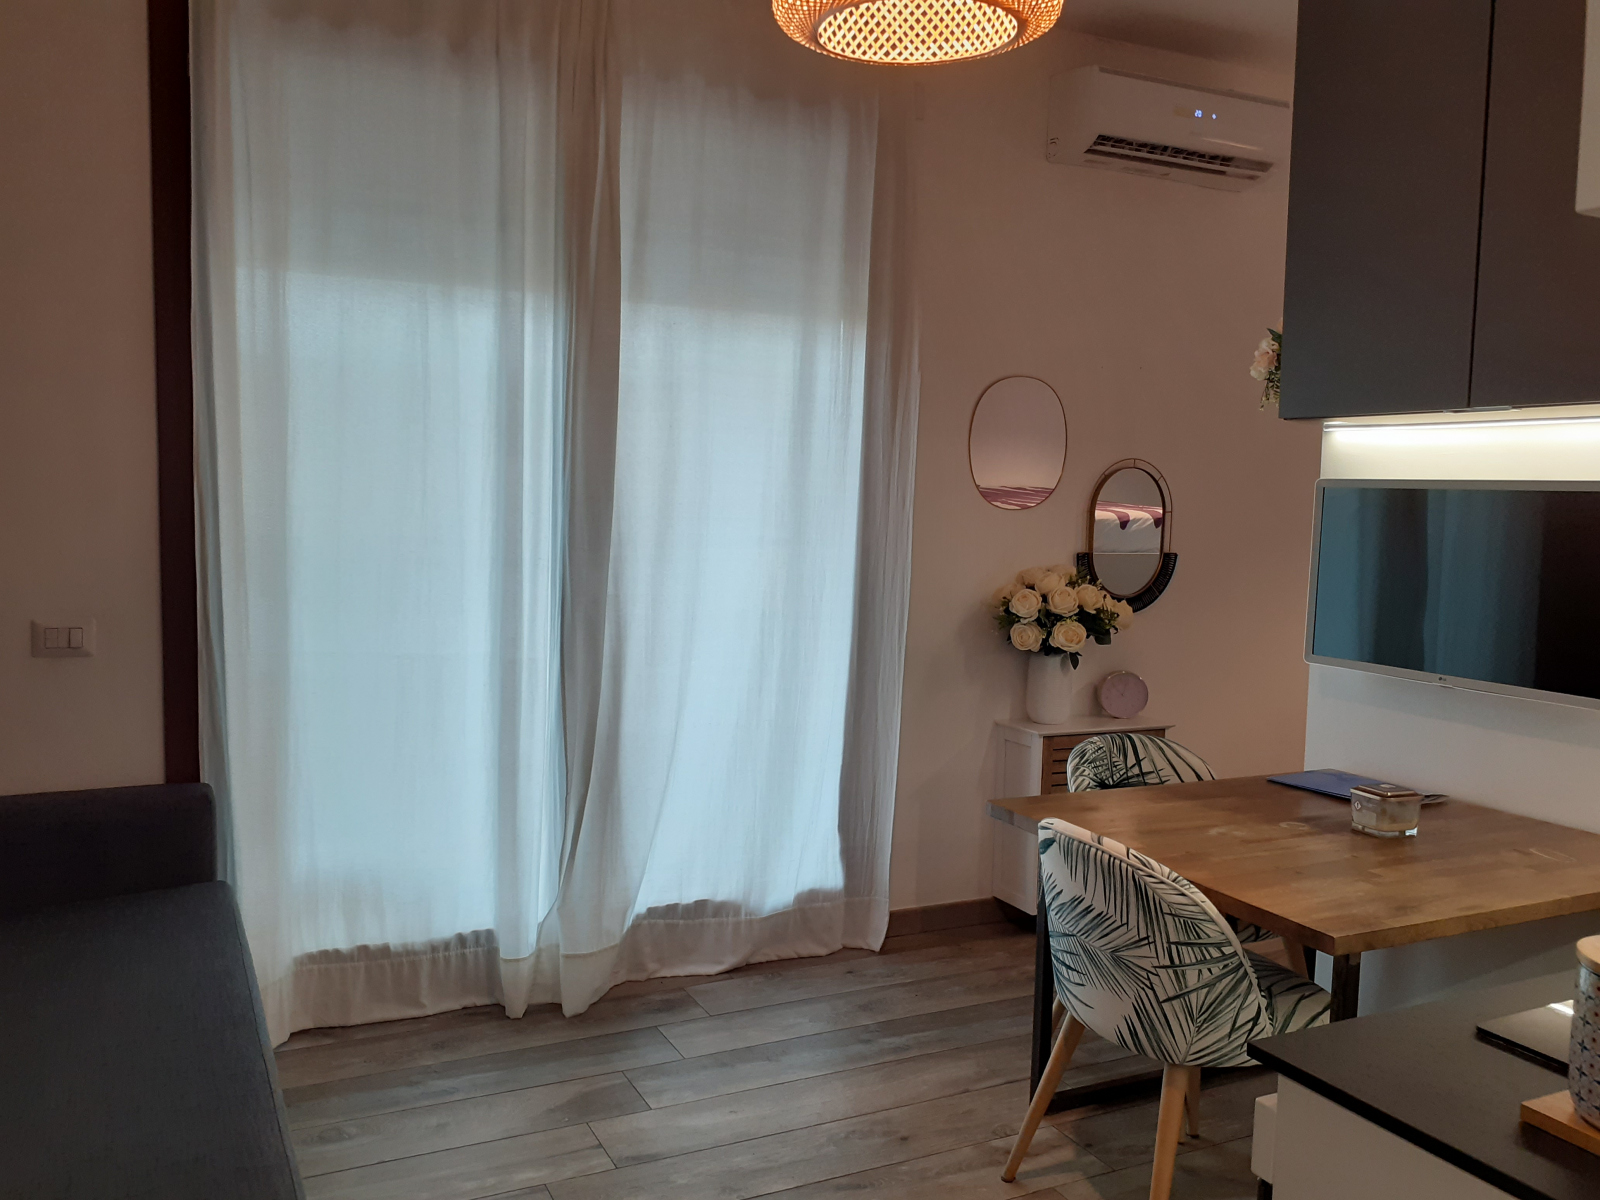 appartamento-open-space-milano-via-broggini-baggio-spaziourbano-immobiliare-vende-7